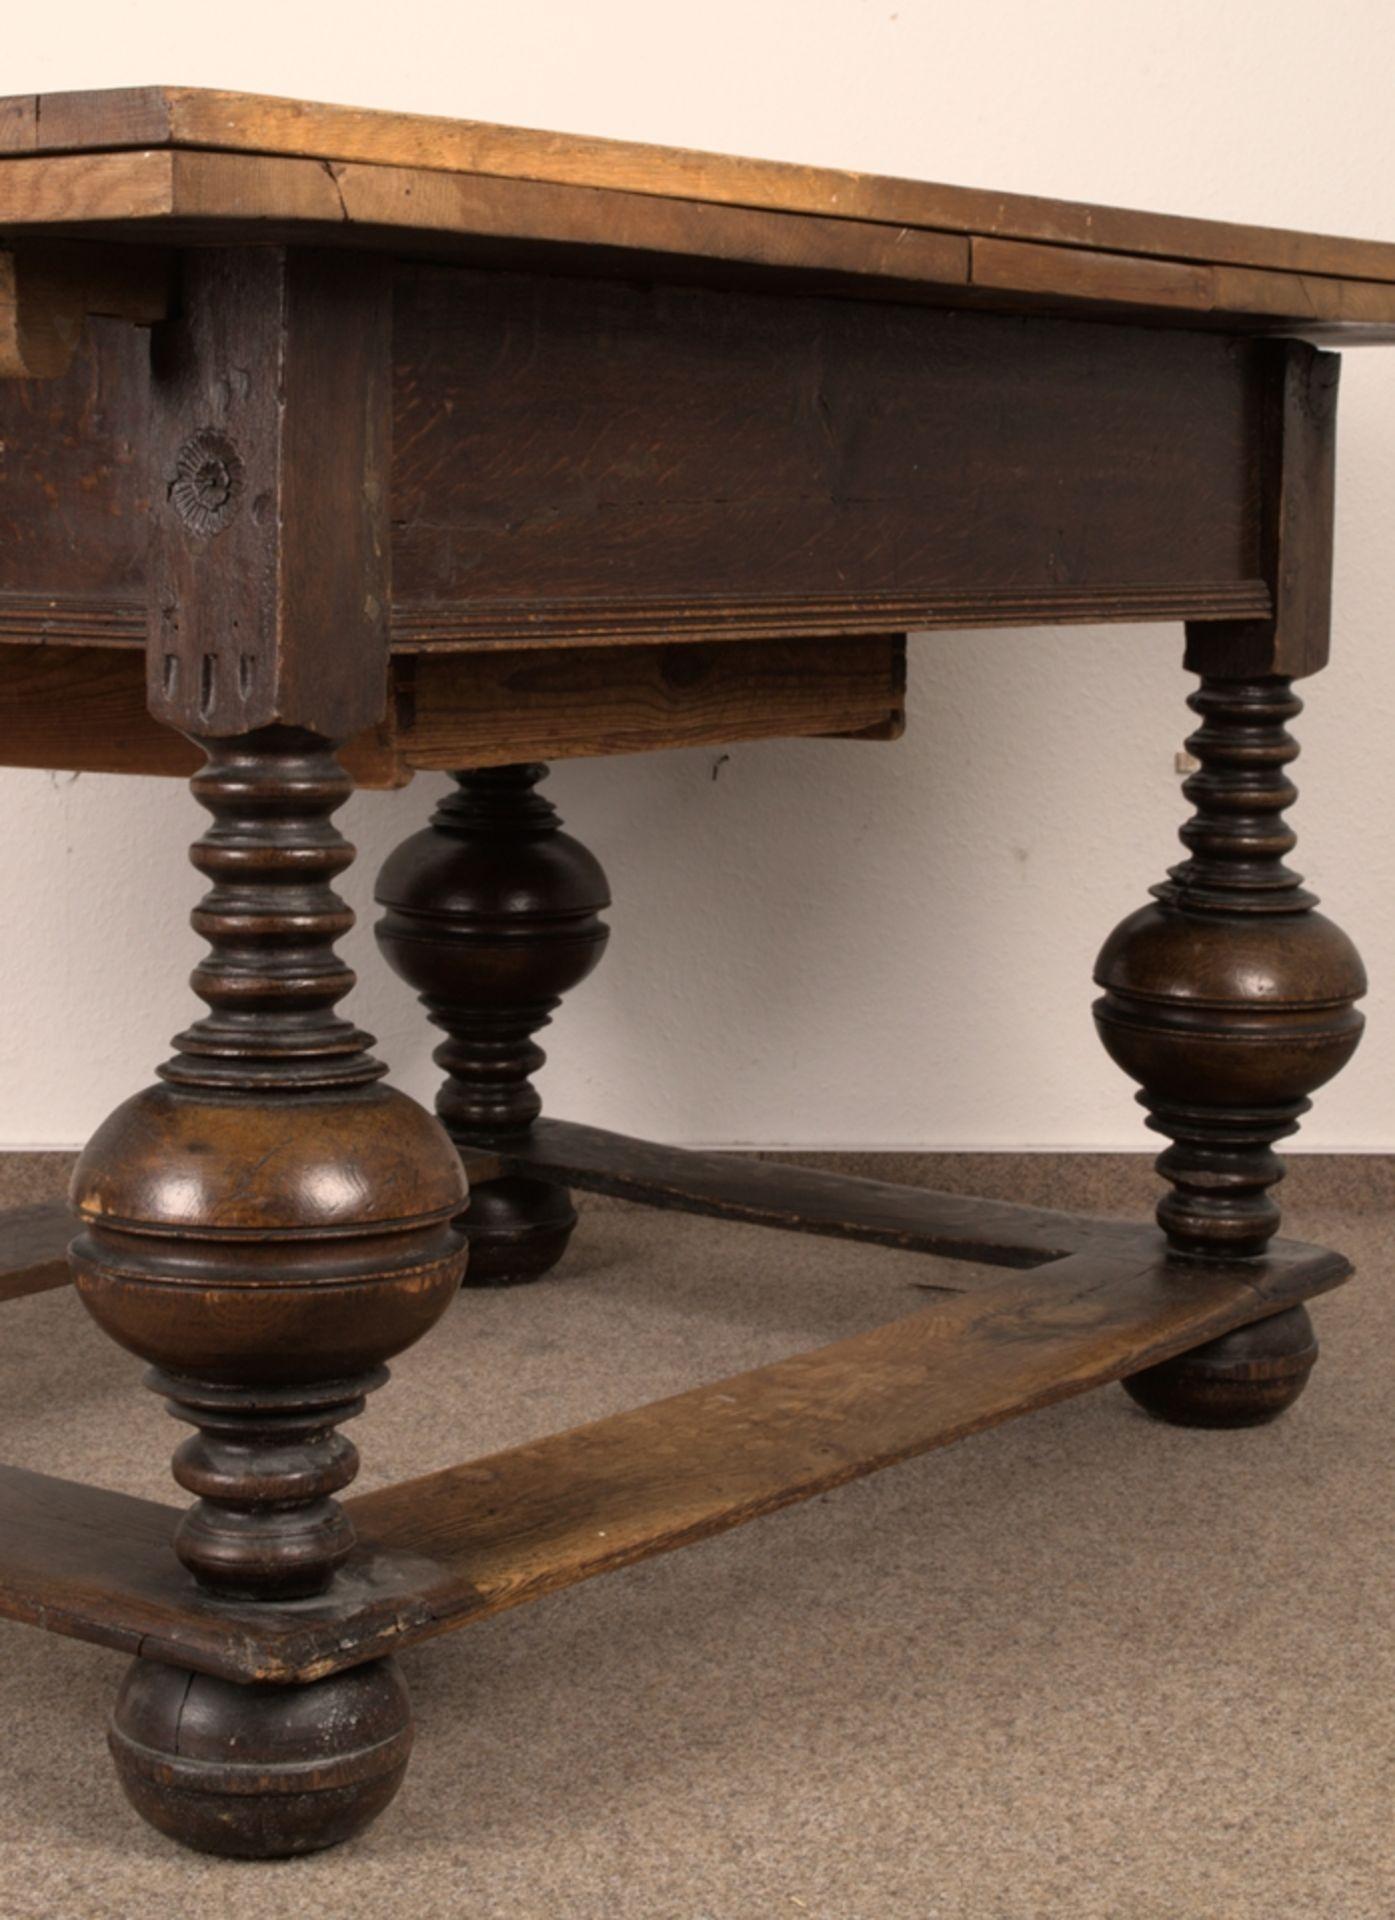 Großer Auszugstisch, Franken um 1730/50. Querverstrebter Tischunterbau mit kräftigen Balusterbeinen, - Bild 23 aus 36